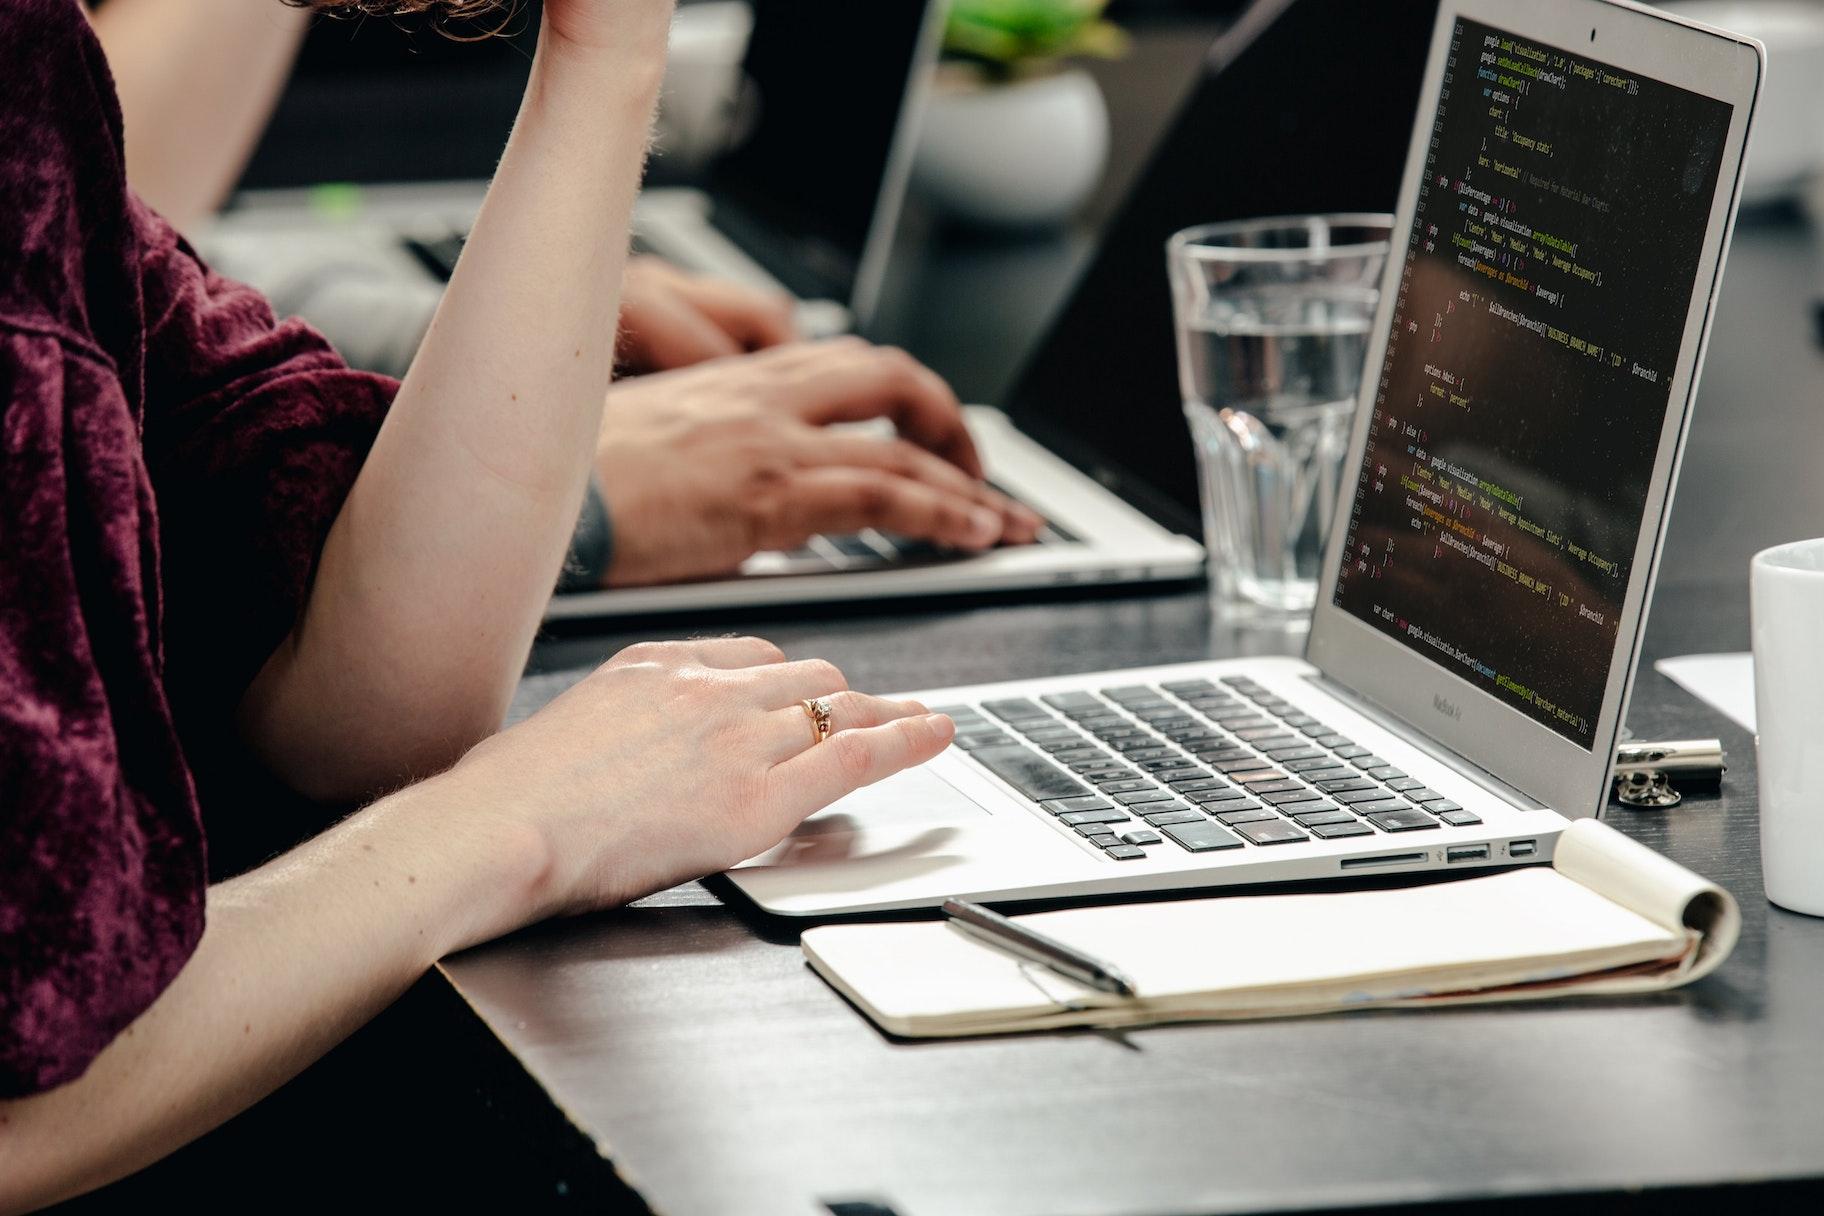 Guadagnare da casa: tester siti web